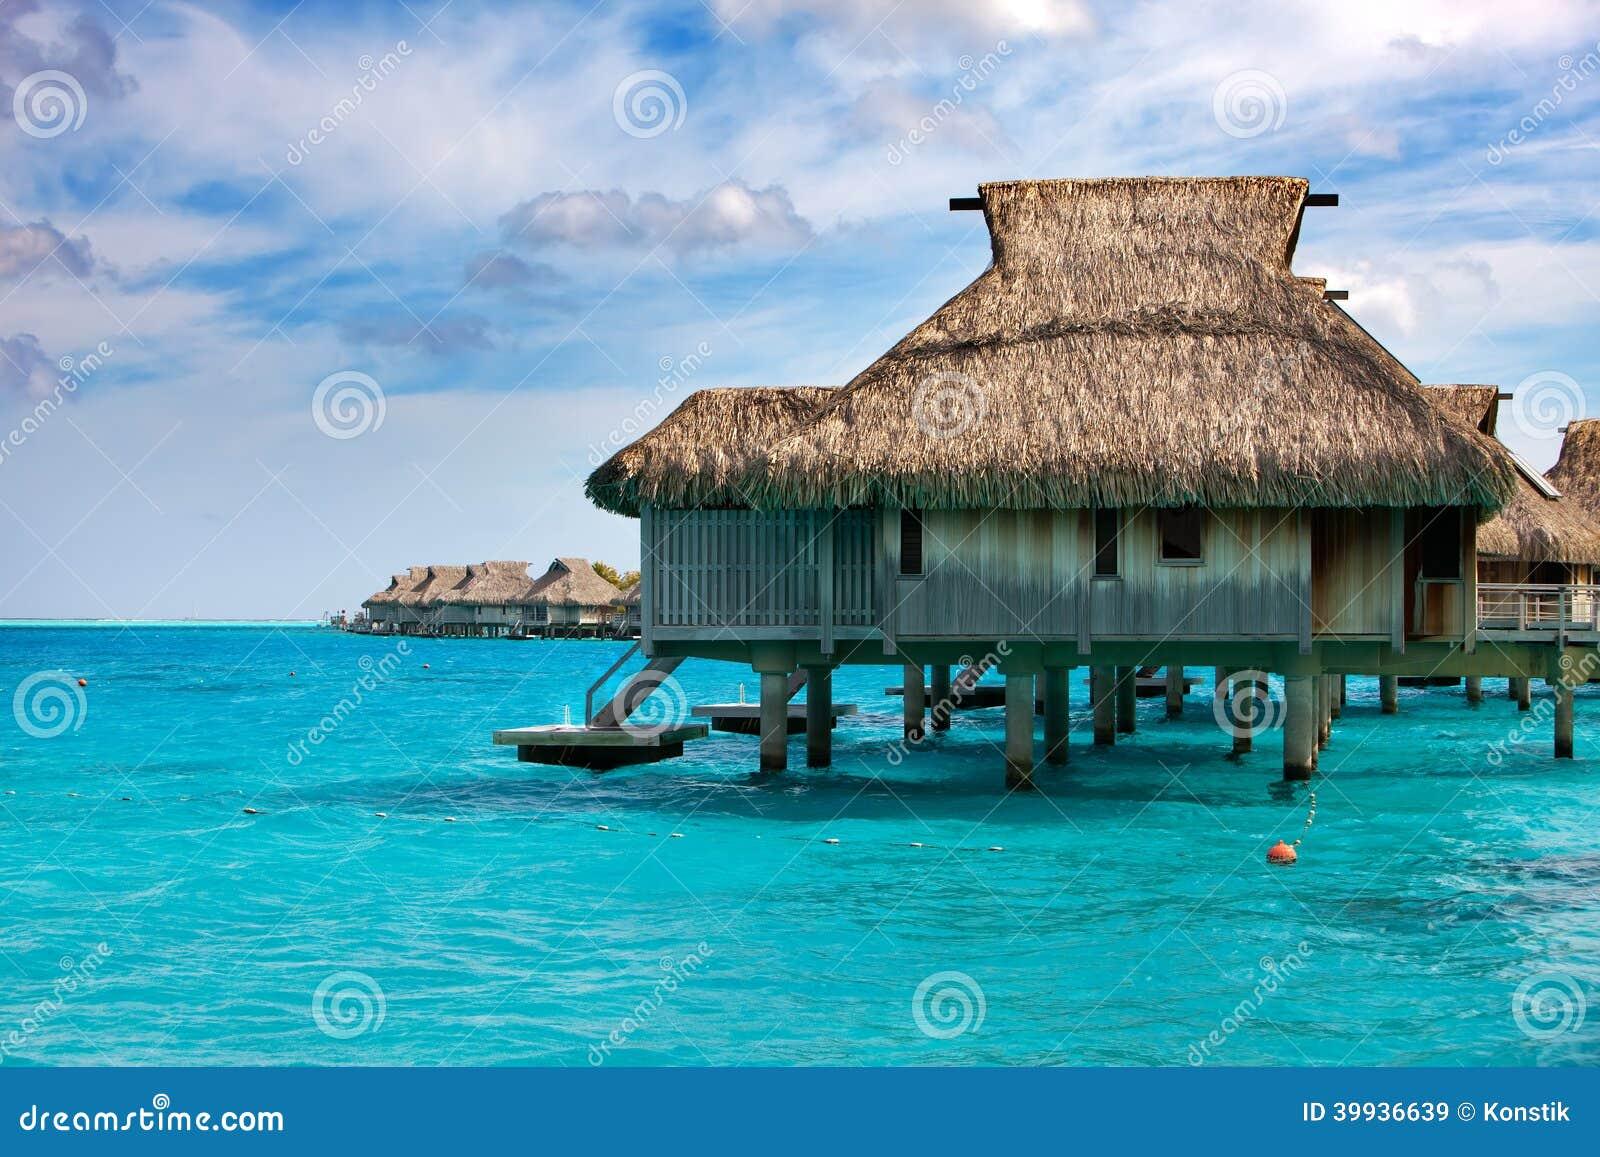 Casas en pilas en el mar maldivas foto de archivo - Casas en el mar ...